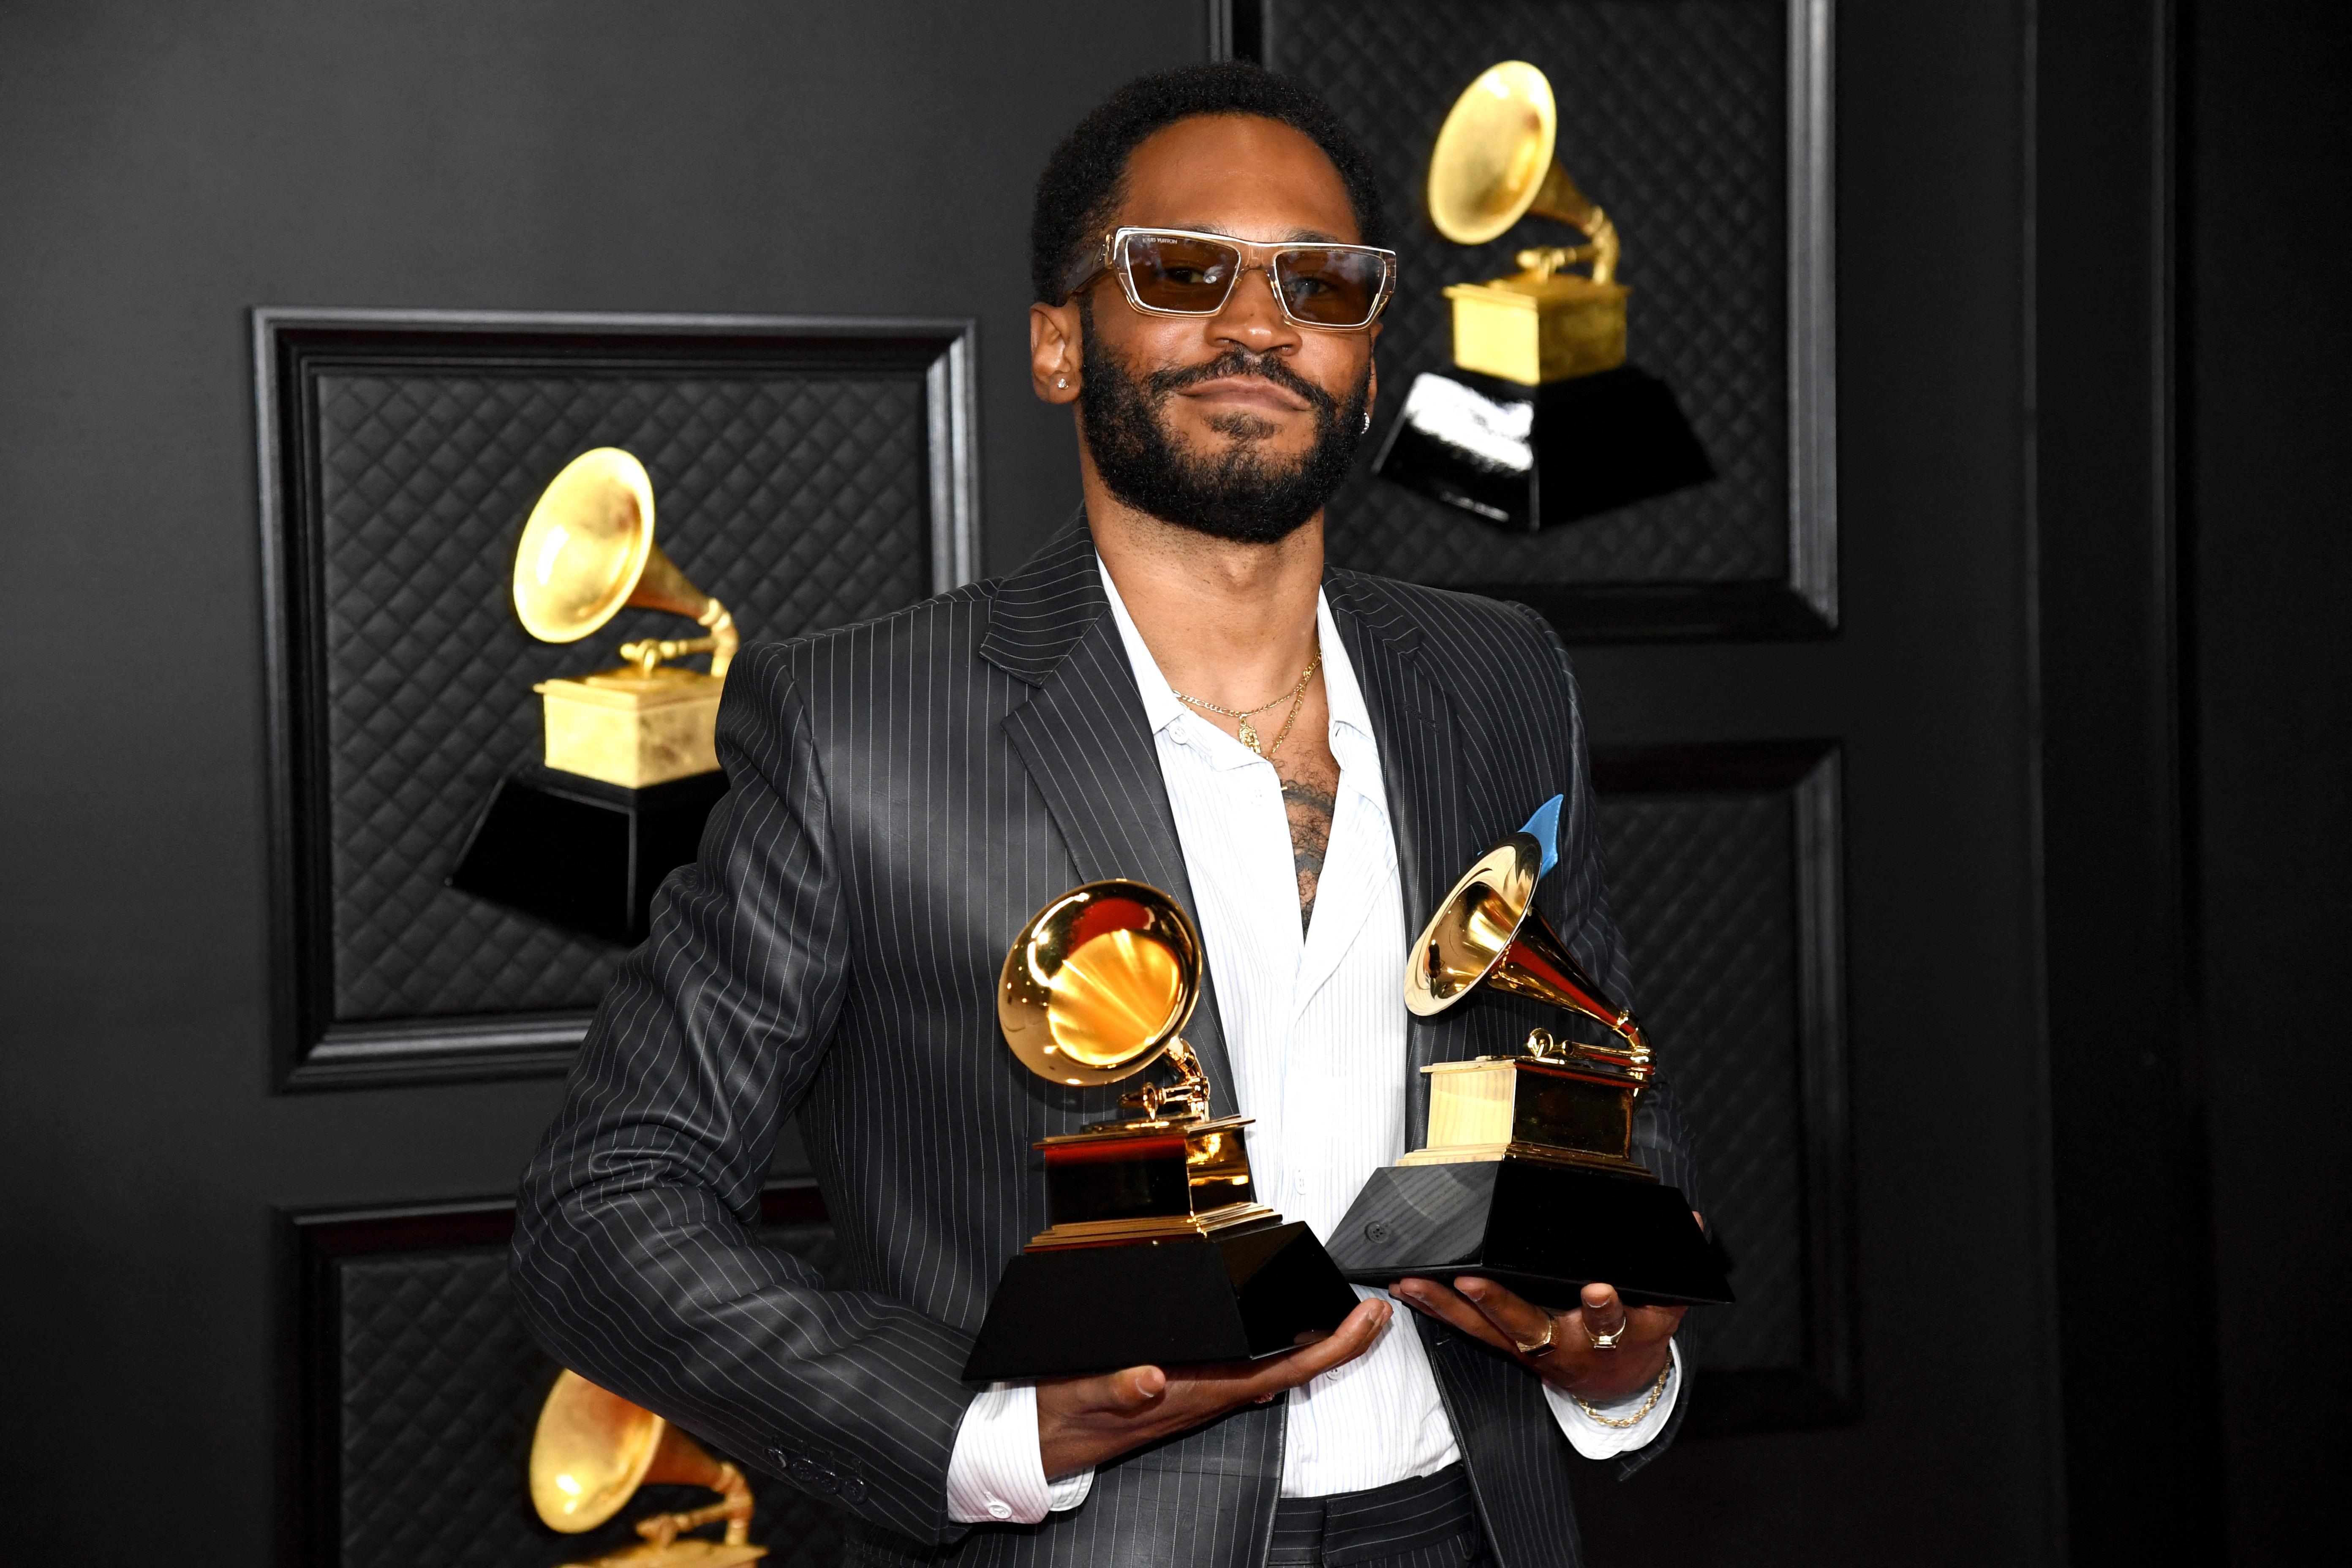 Kaytranada az első fekete előadó, aki megkapta a legjobb dance albumért járó Grammy-díjat